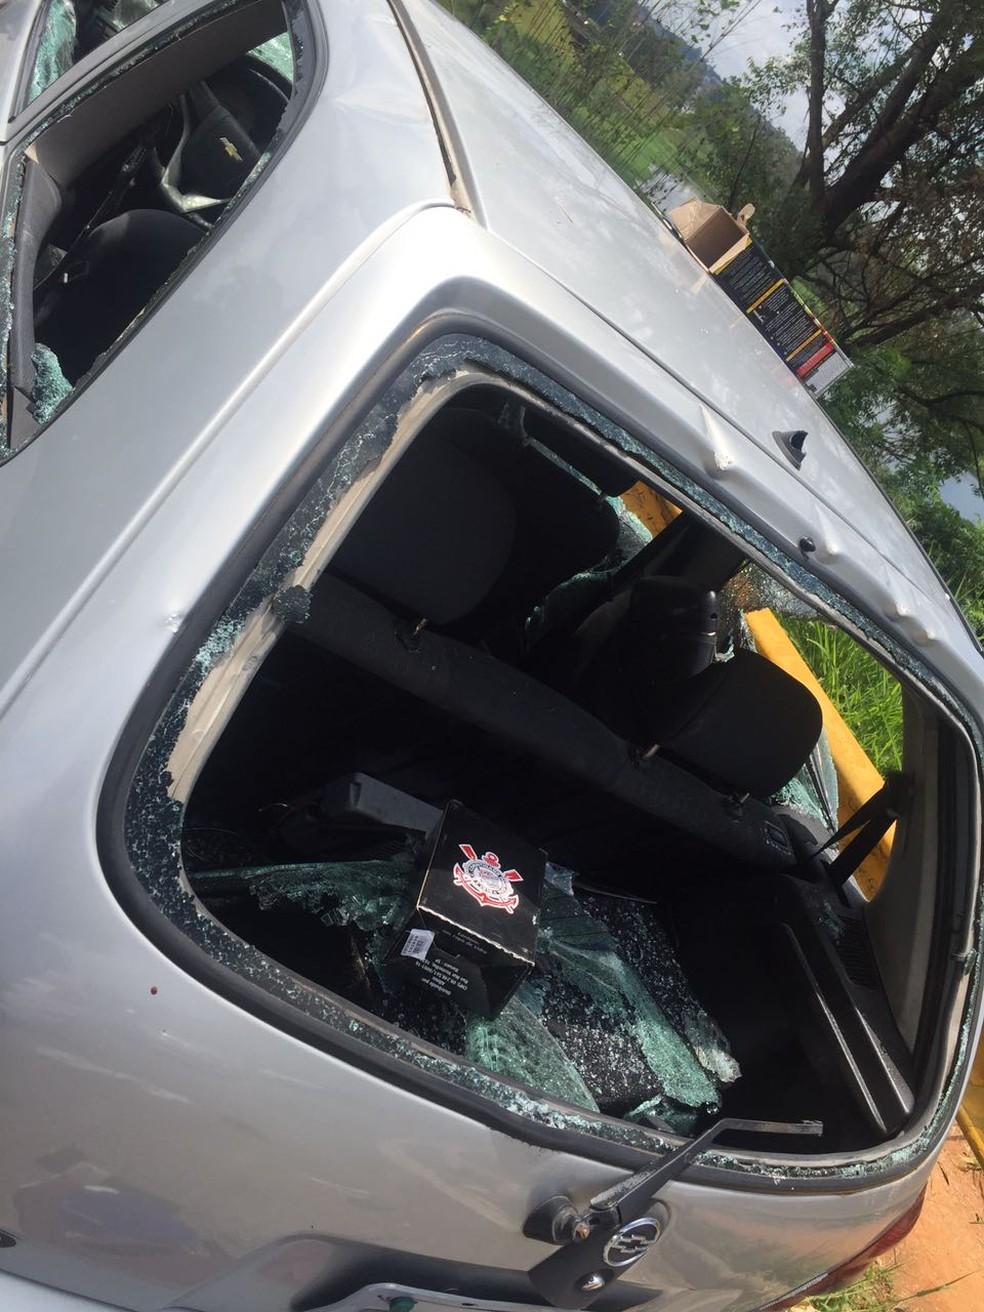 Veículo de torcedor do Corinthians foi destruído em confronte entre torcidas em Itaquaquecetuba (Foto: Polícia Militar/ Divulgação)